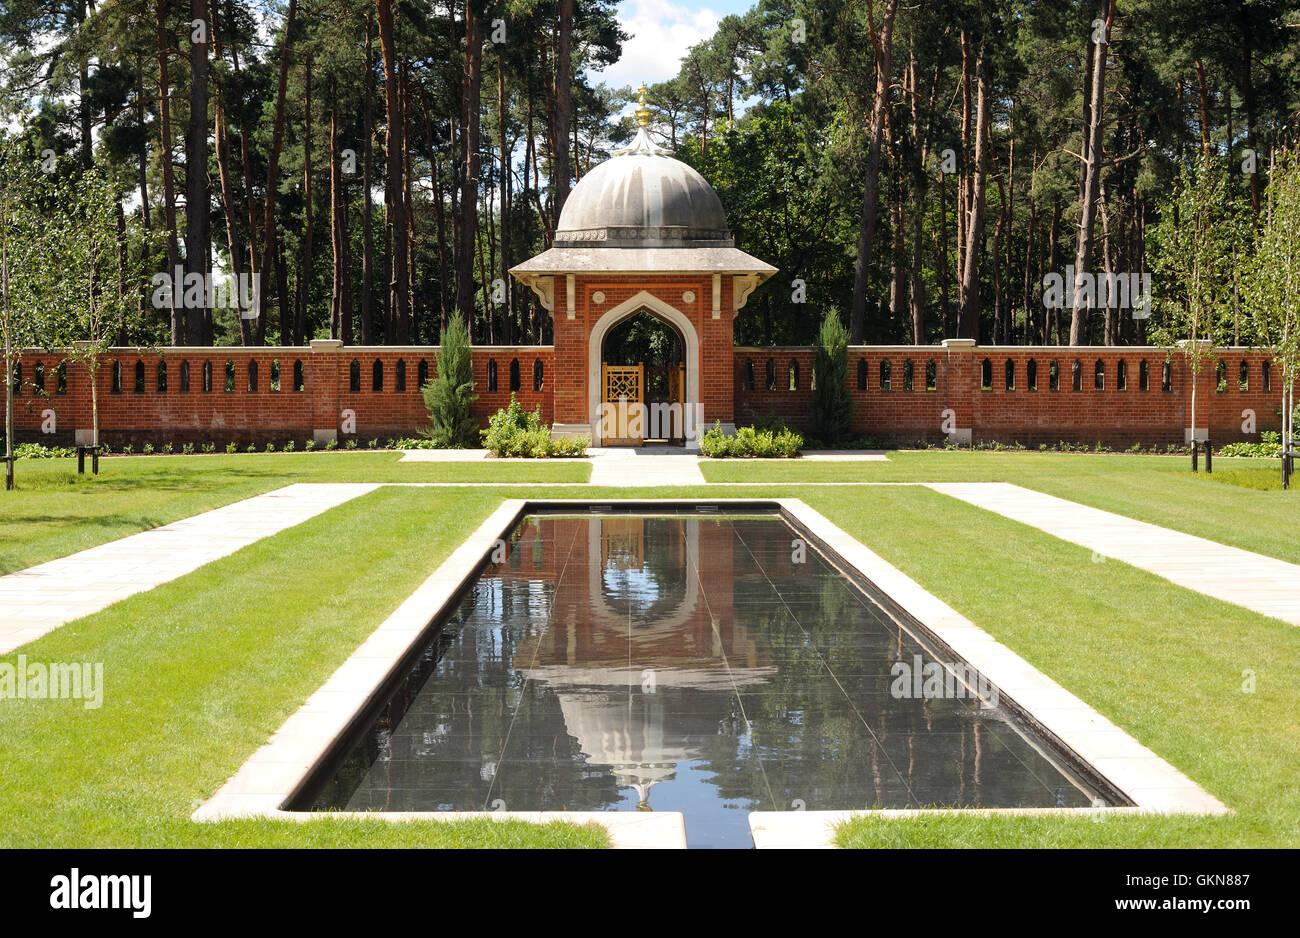 Il musulmano Sepoltura la pace del giardino. Woking, Surrey, Regno Unito Immagini Stock